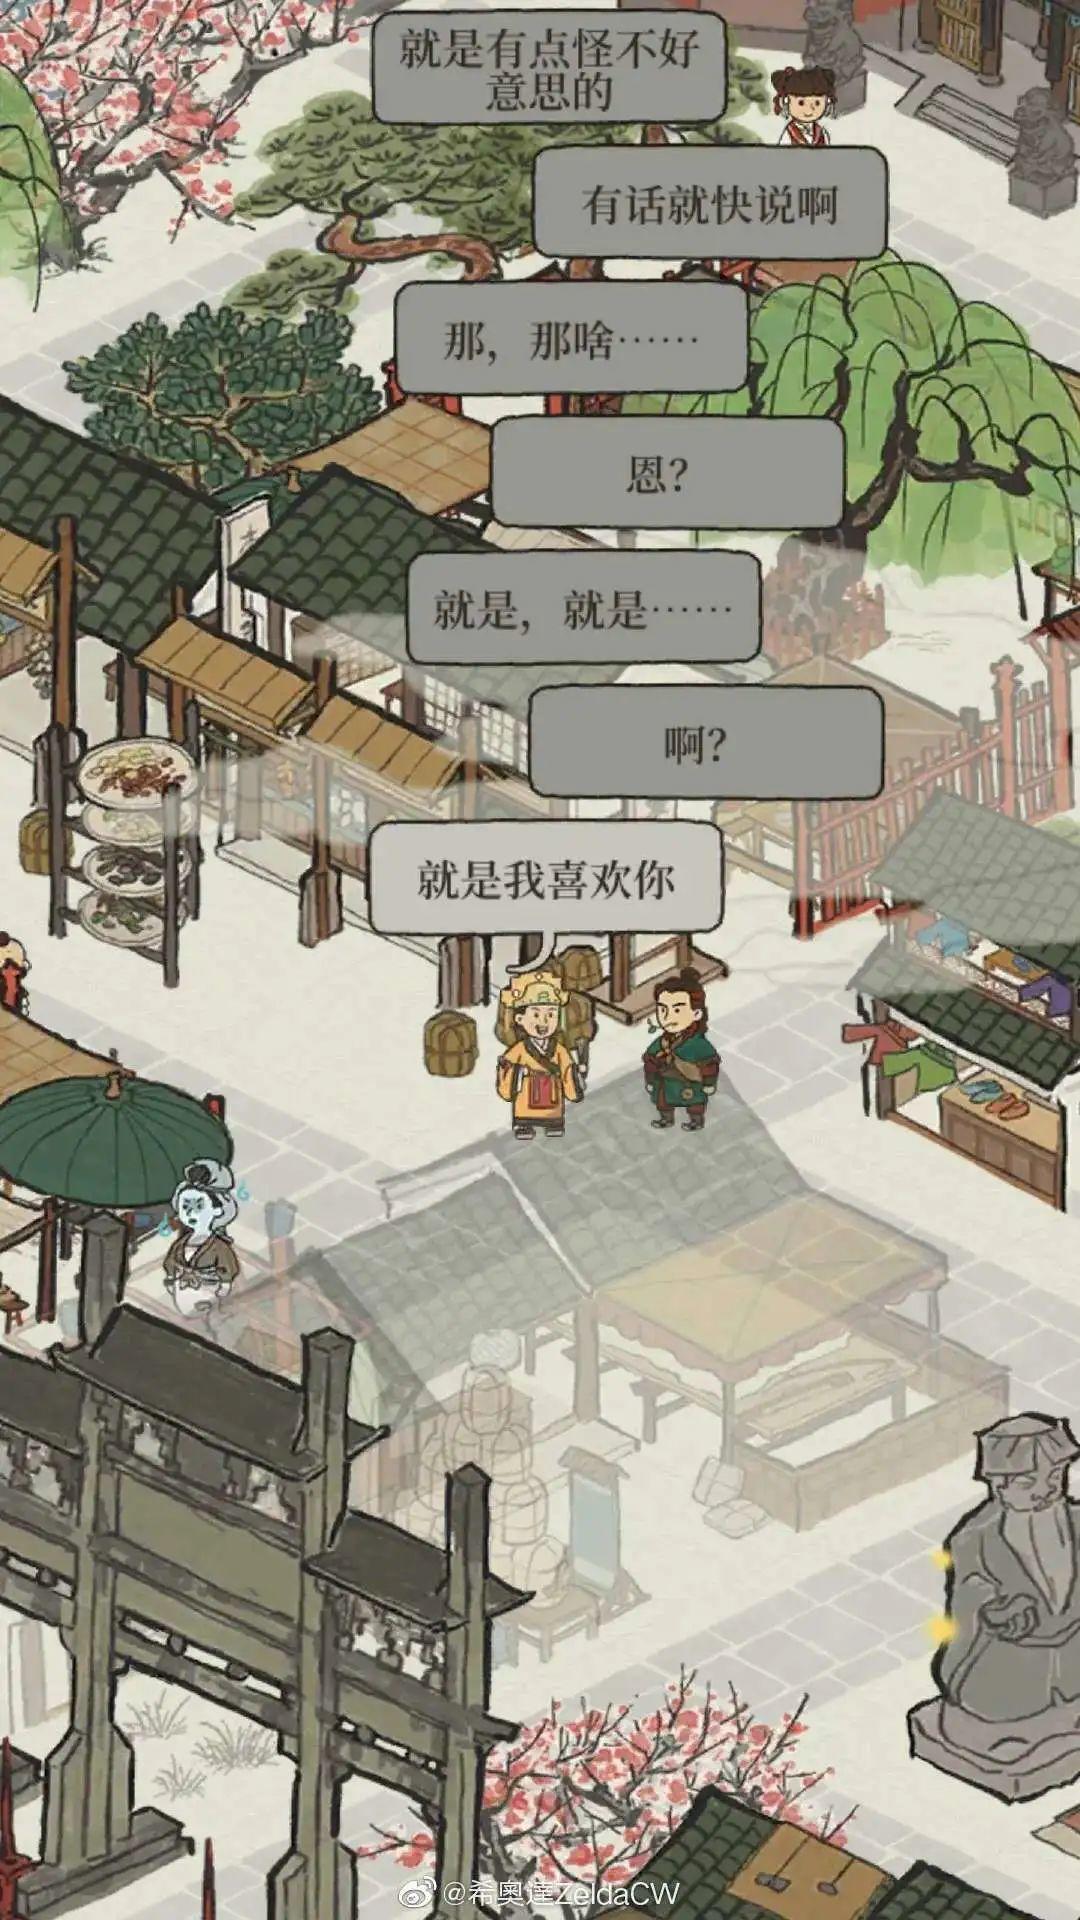 金融民工在江南百景图里体会到了赚钱的快乐插图20